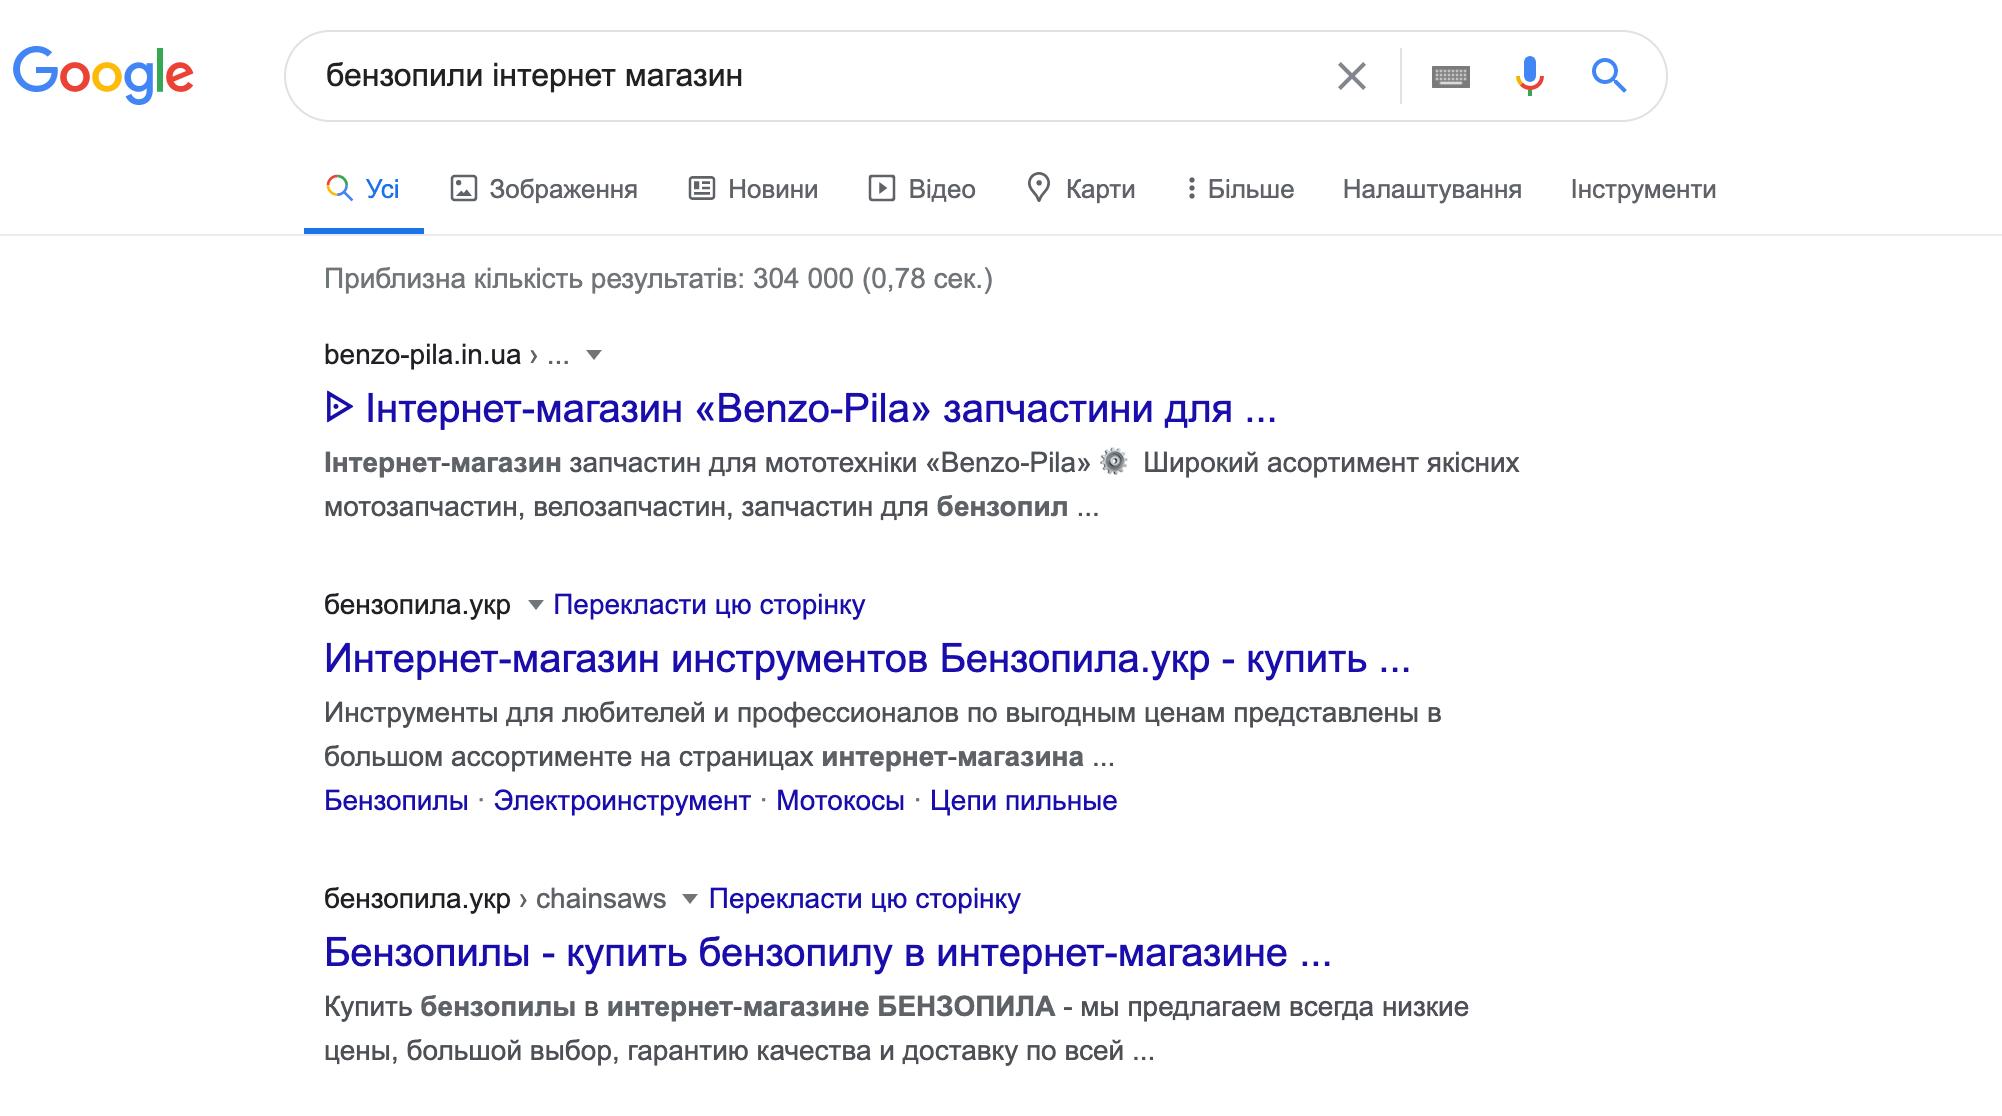 Приклад ранжування кириличного домену на перших місцях